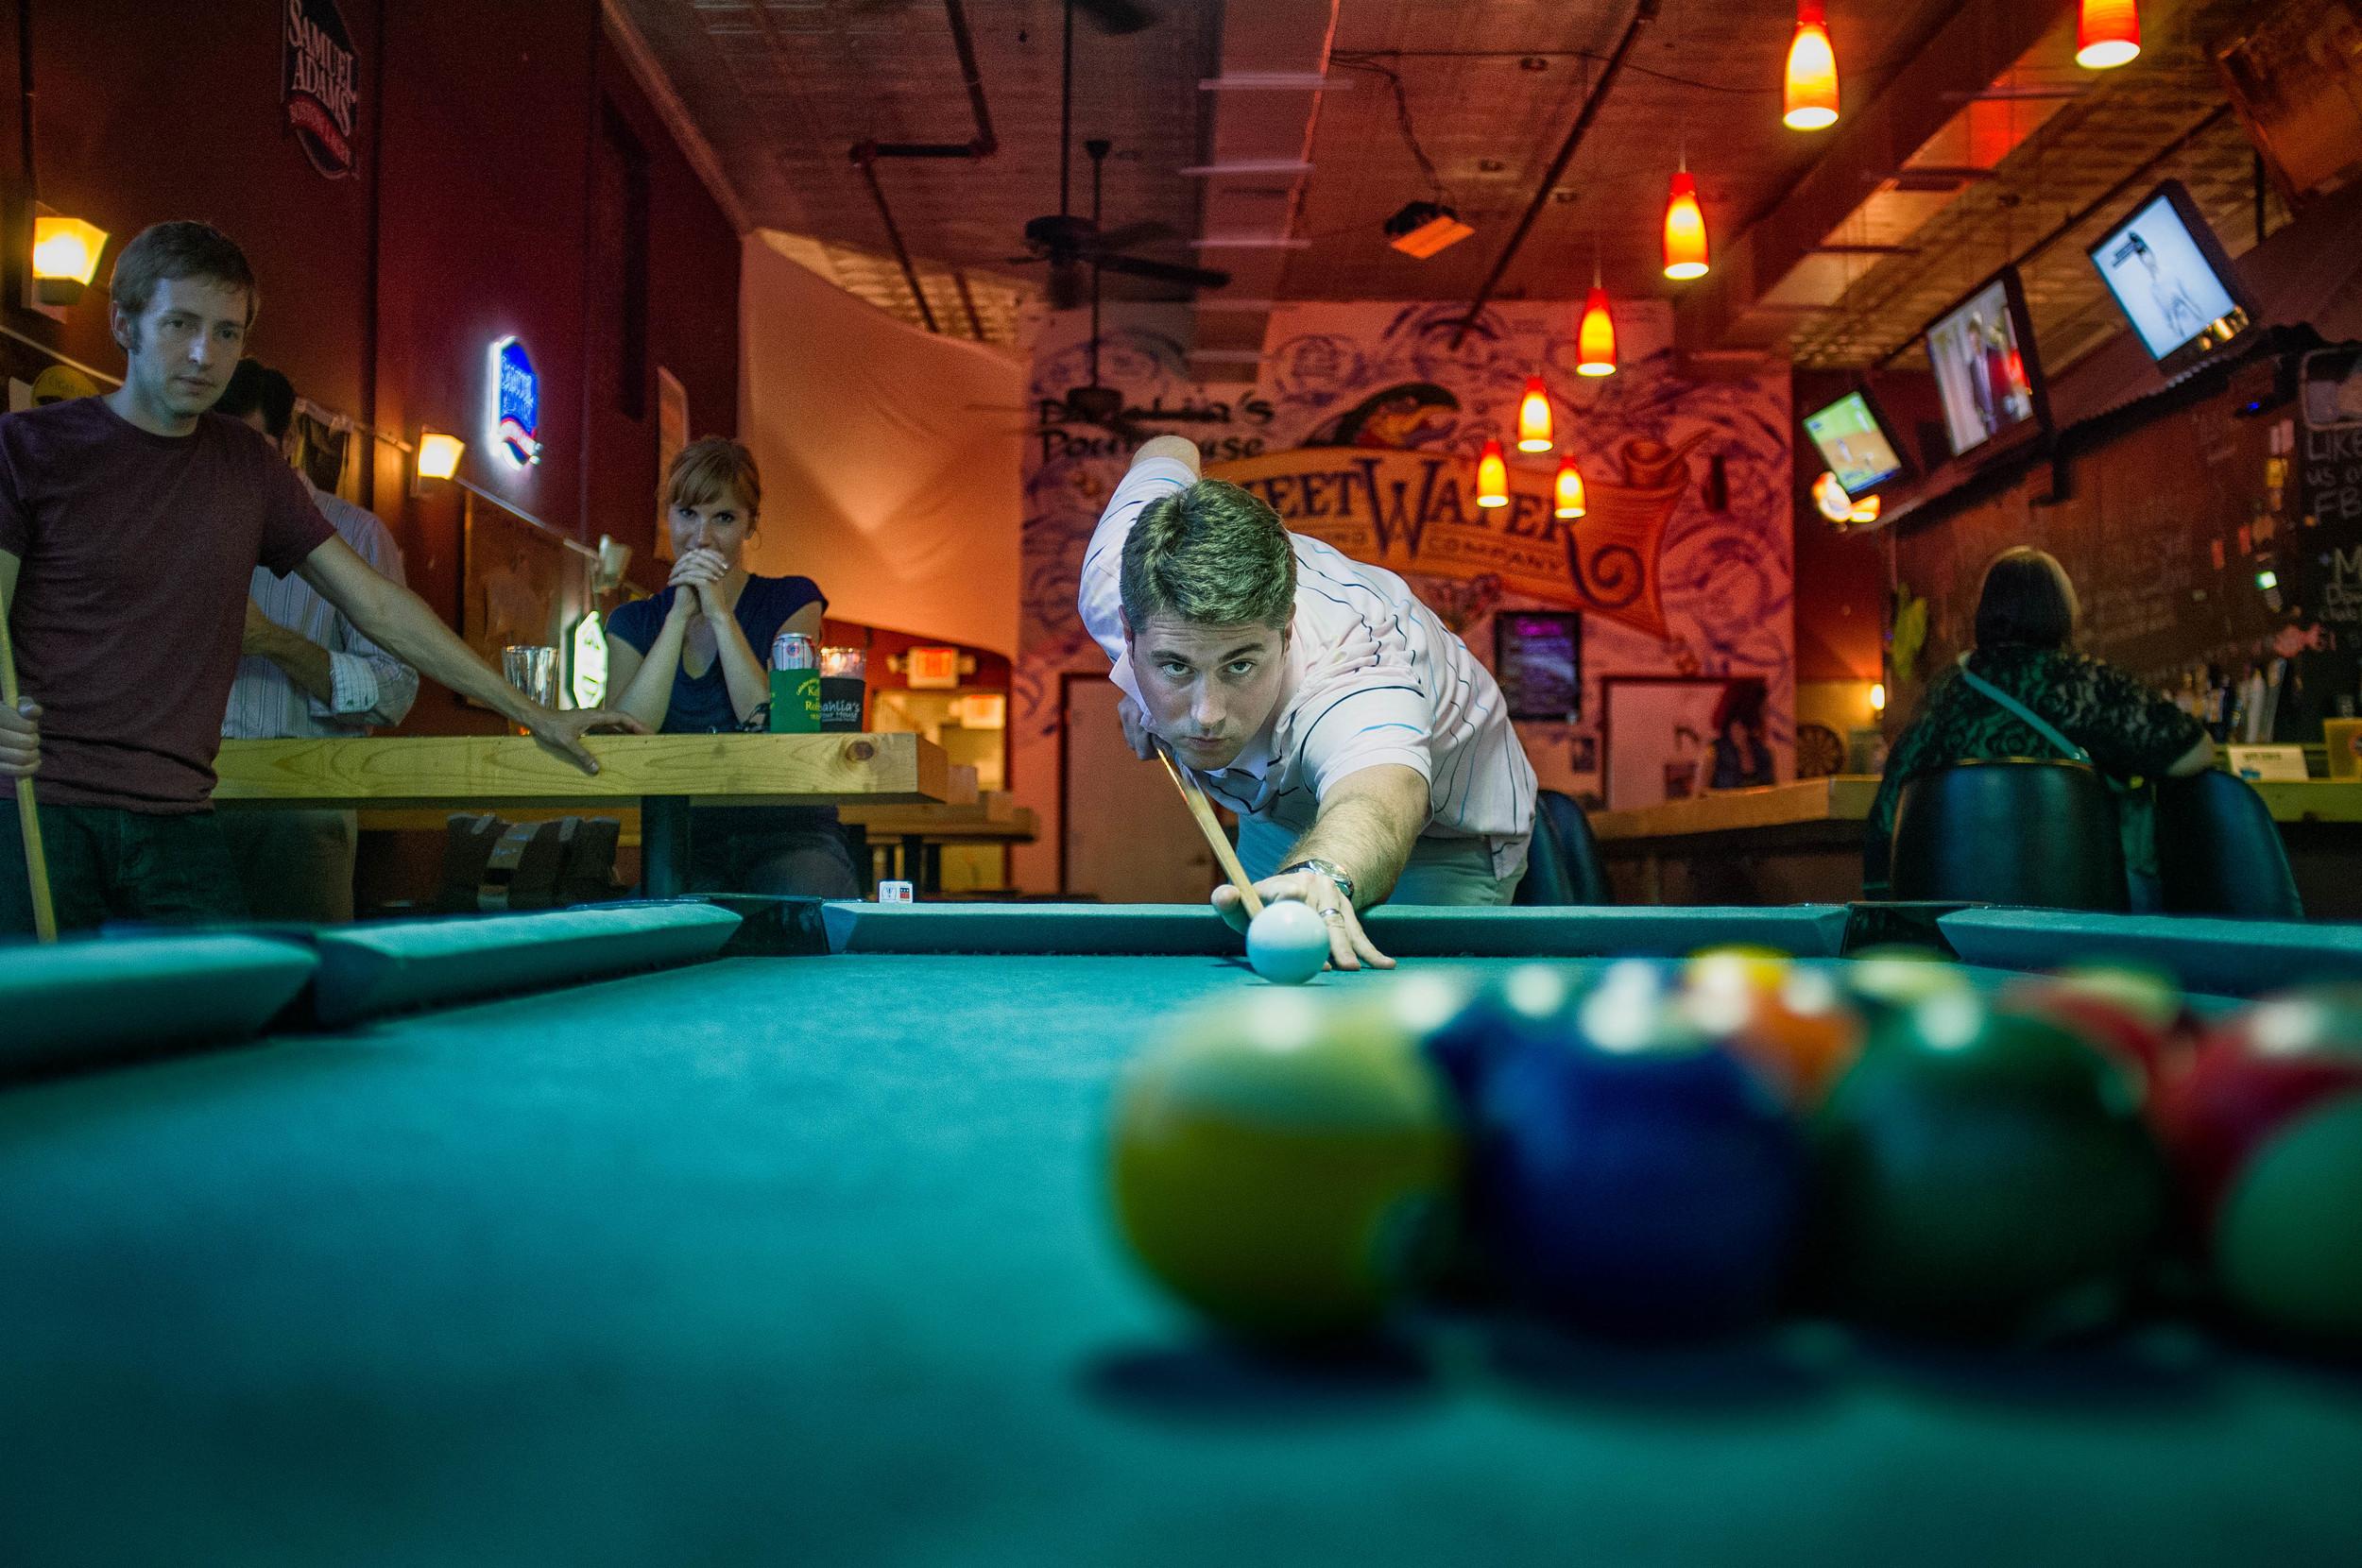 Kip, focused on playing pool.